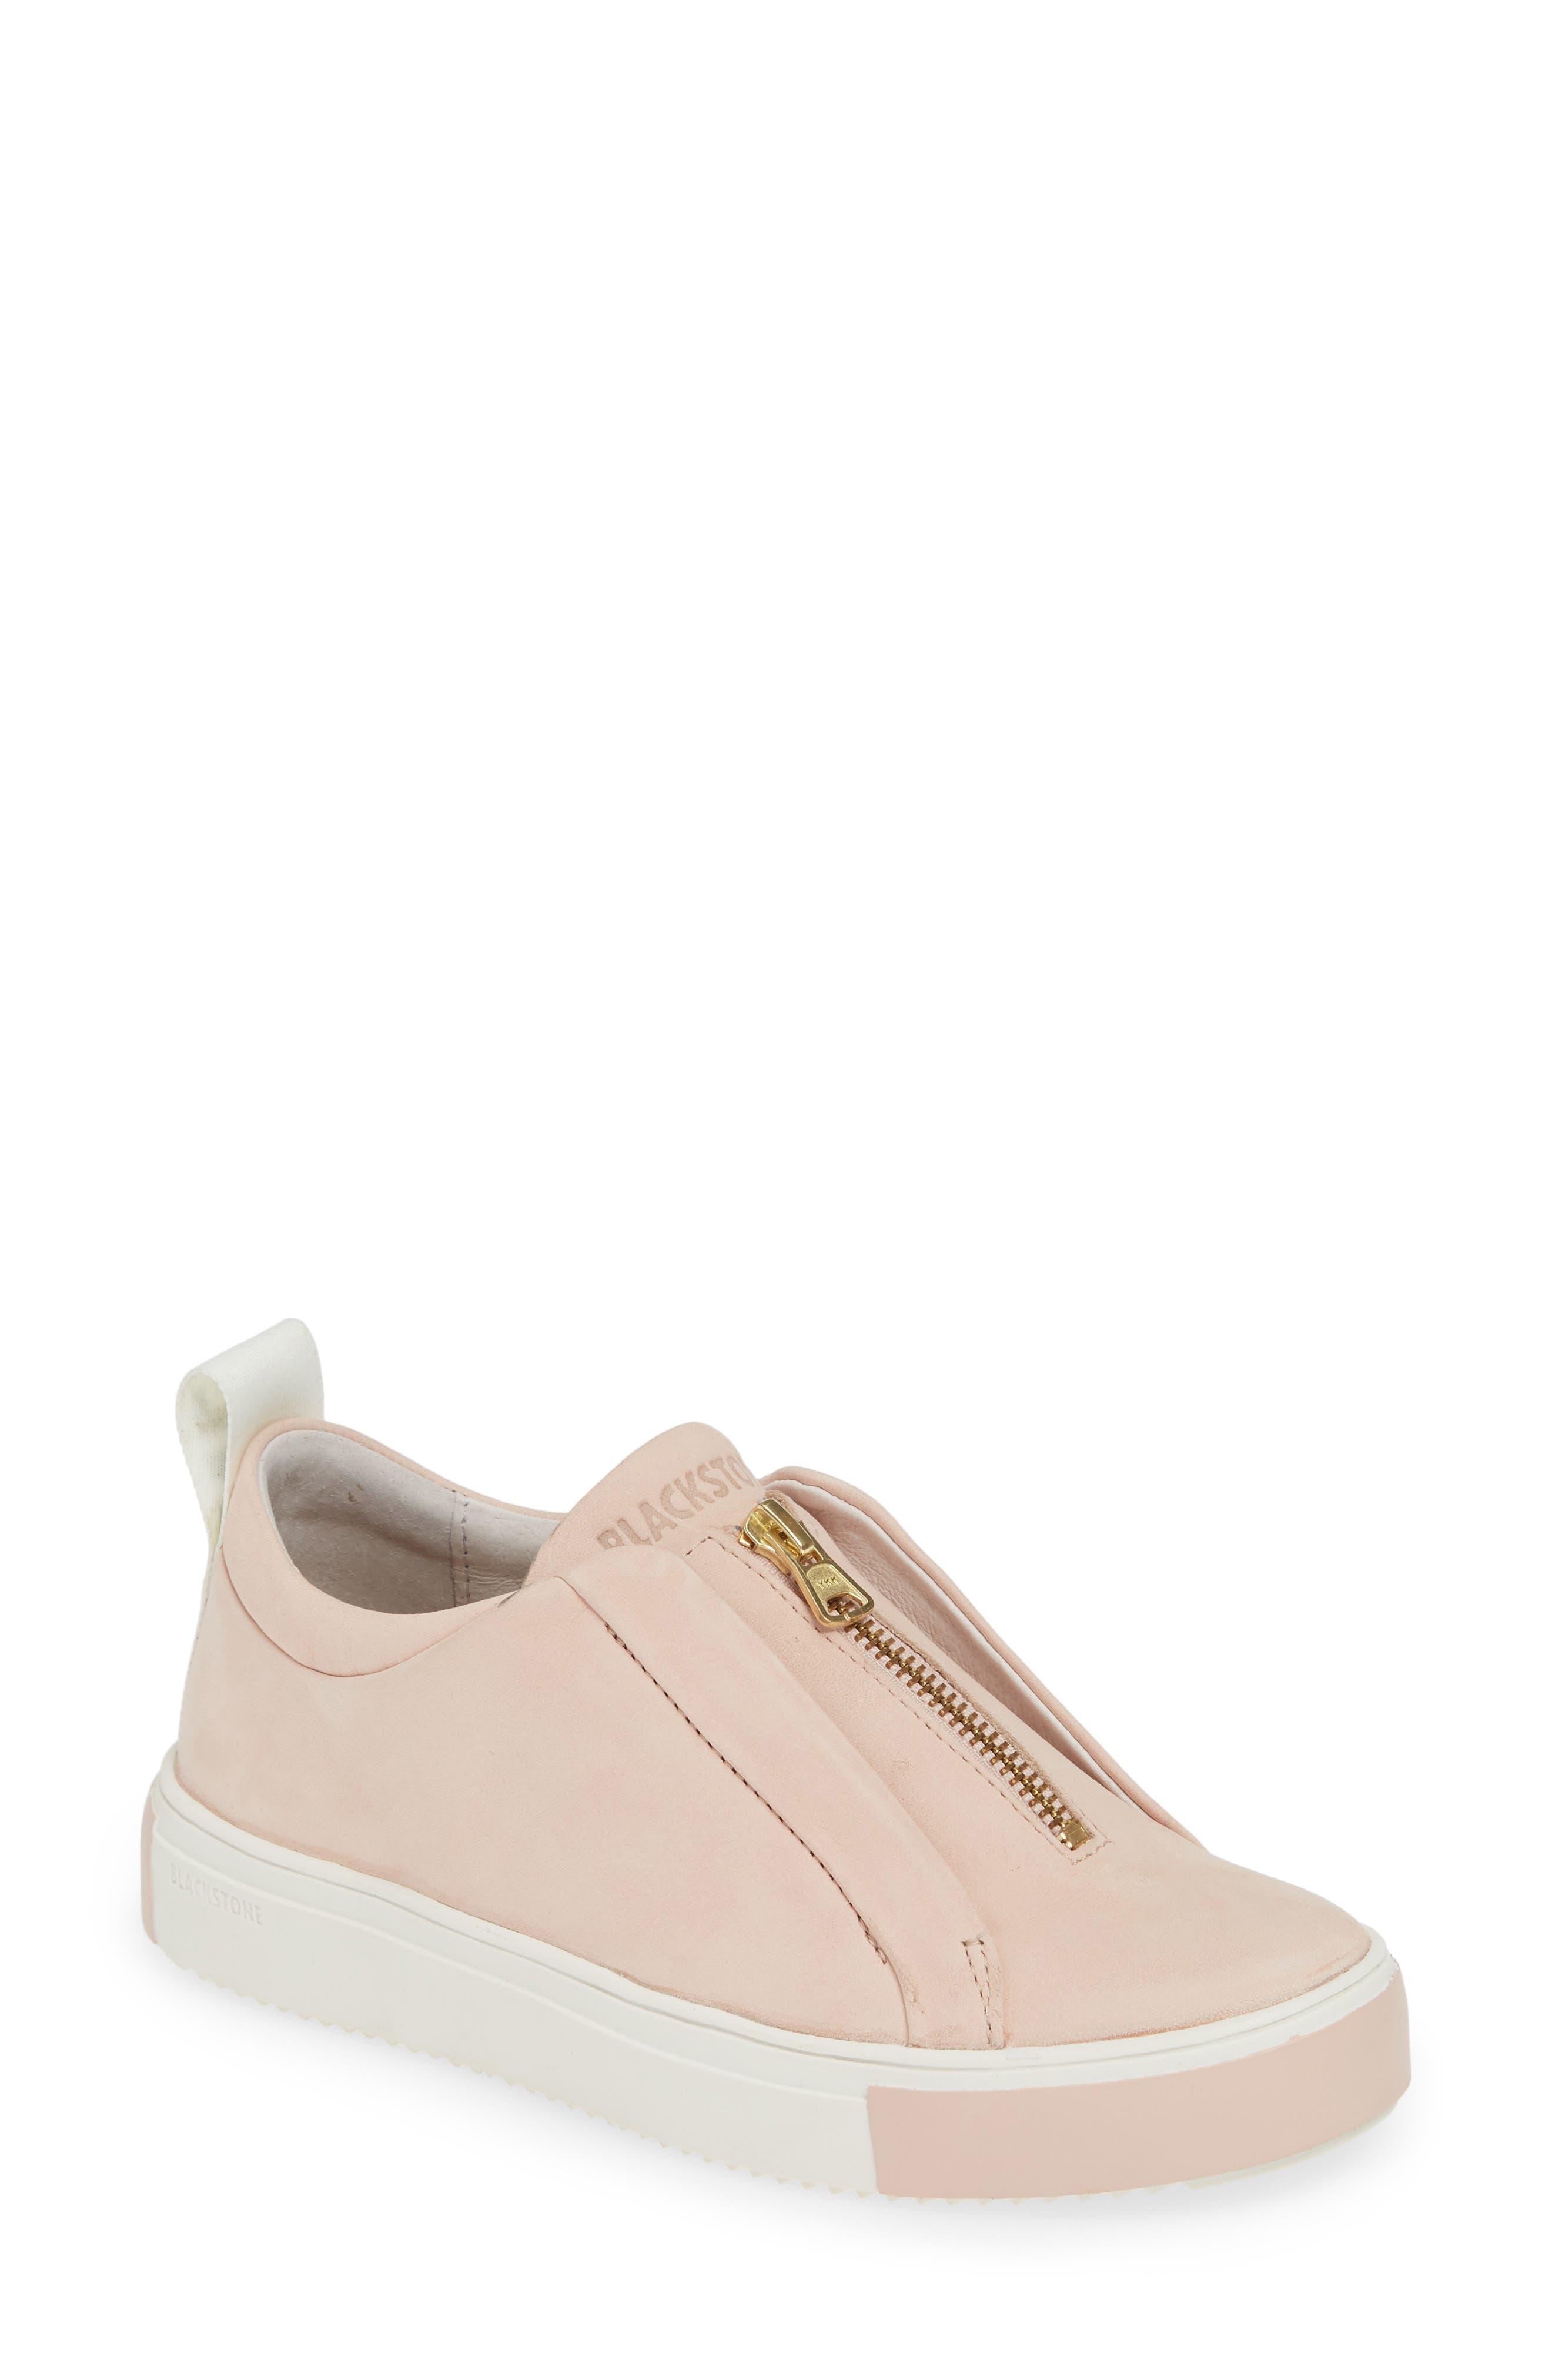 Rl62 Zip Front Sneaker